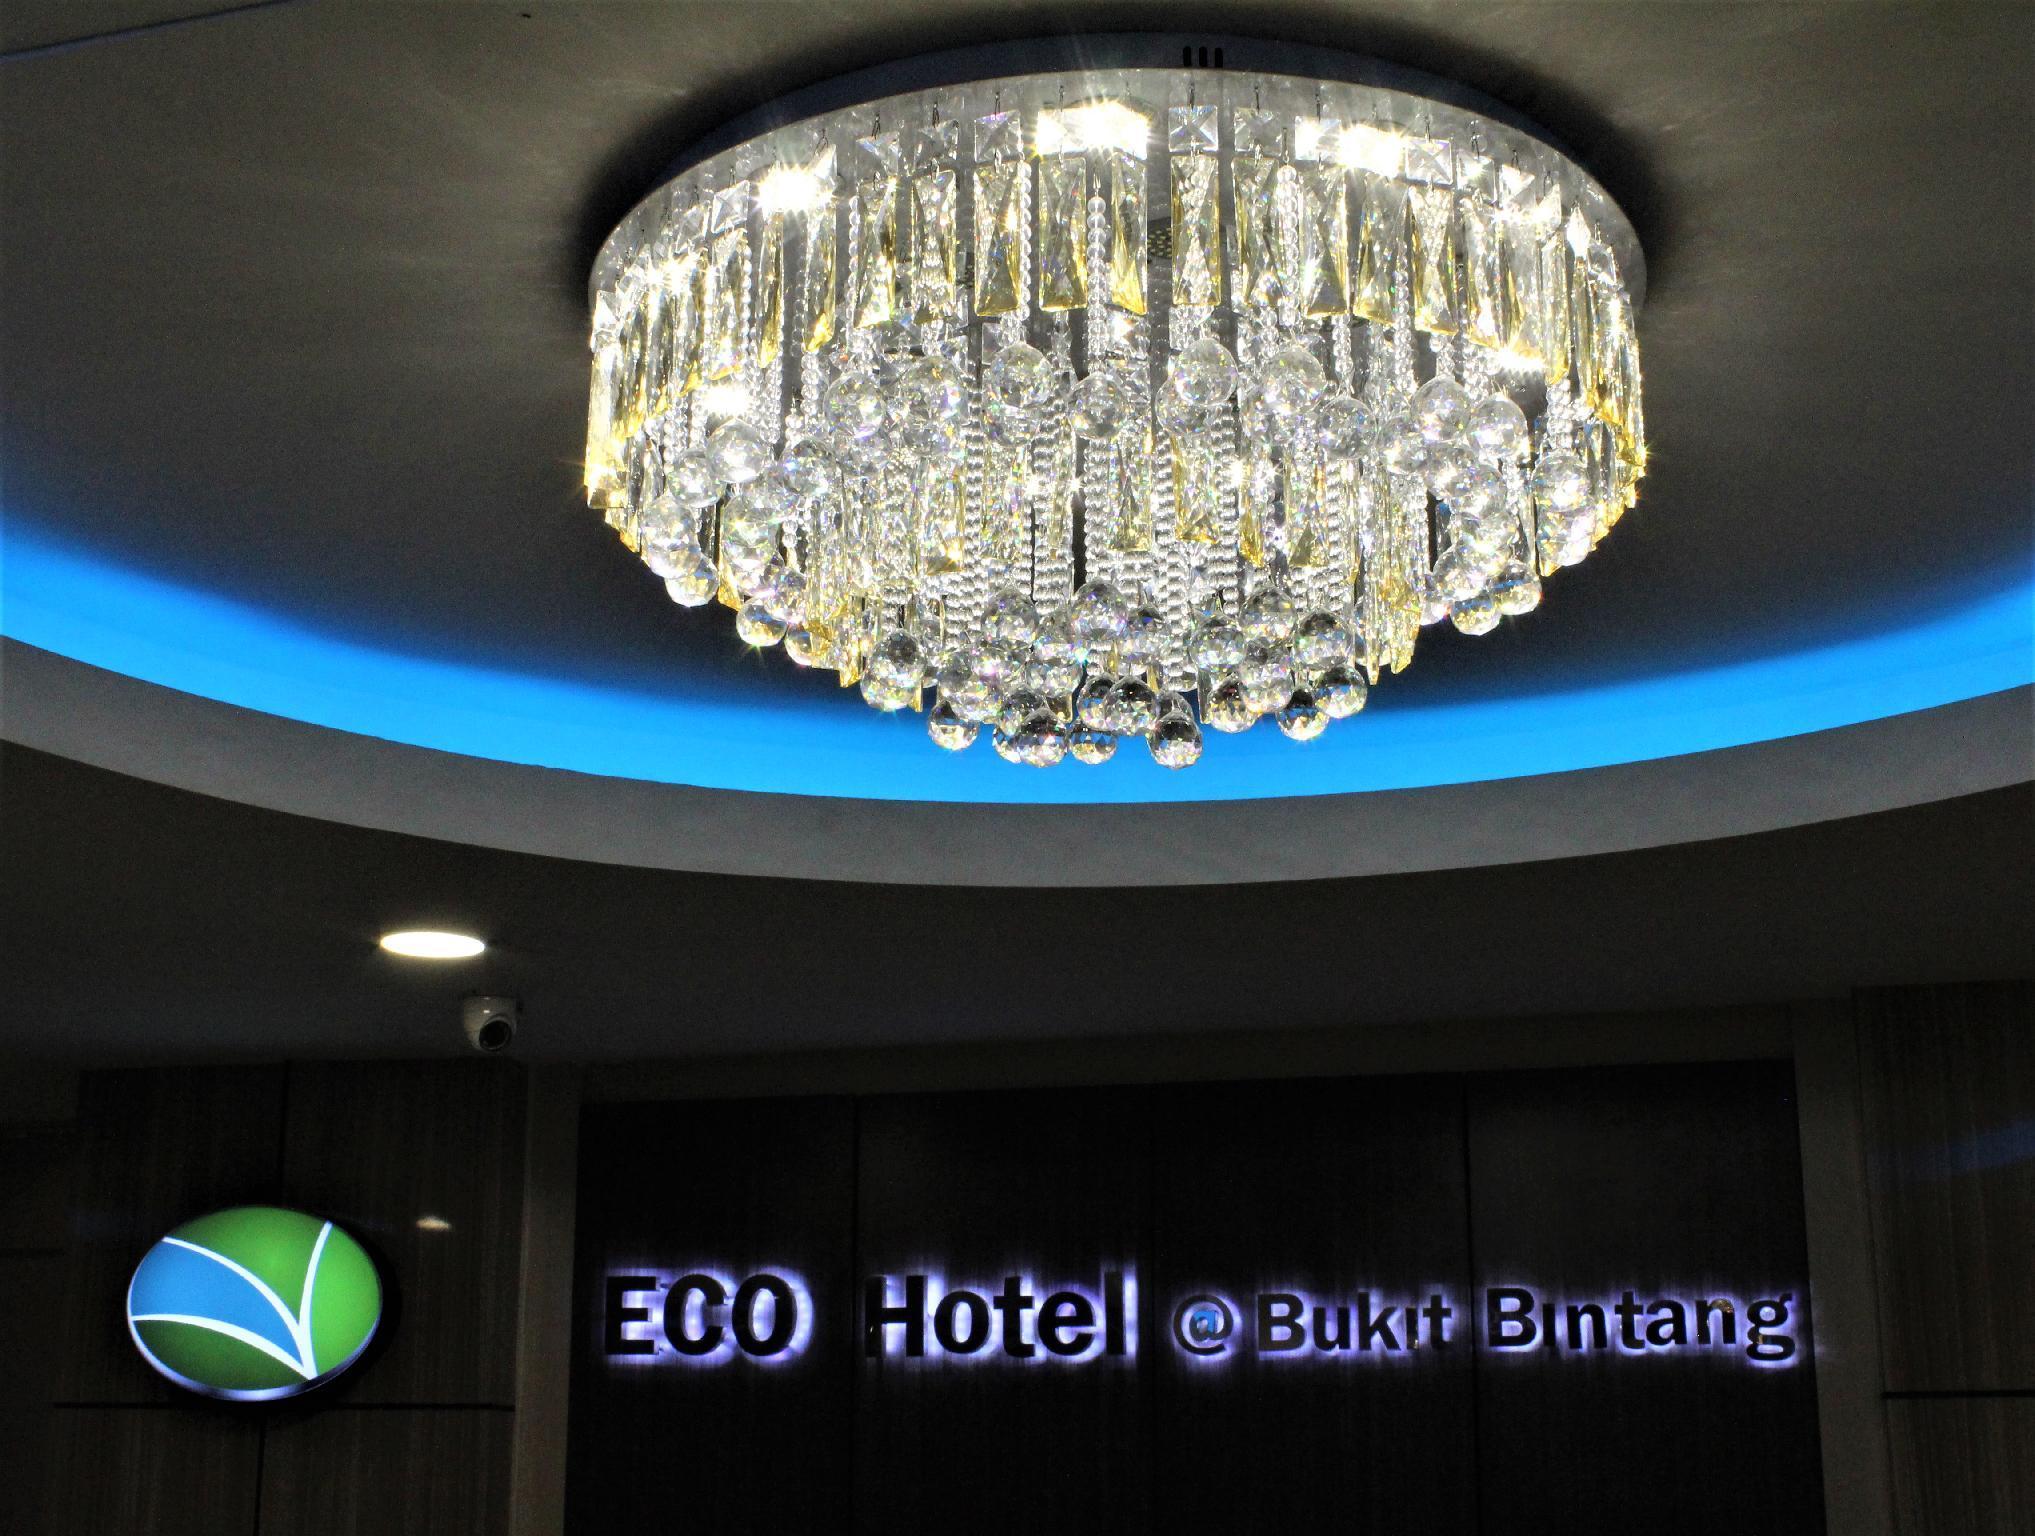 Eco Hotel @ Bukit Bintang